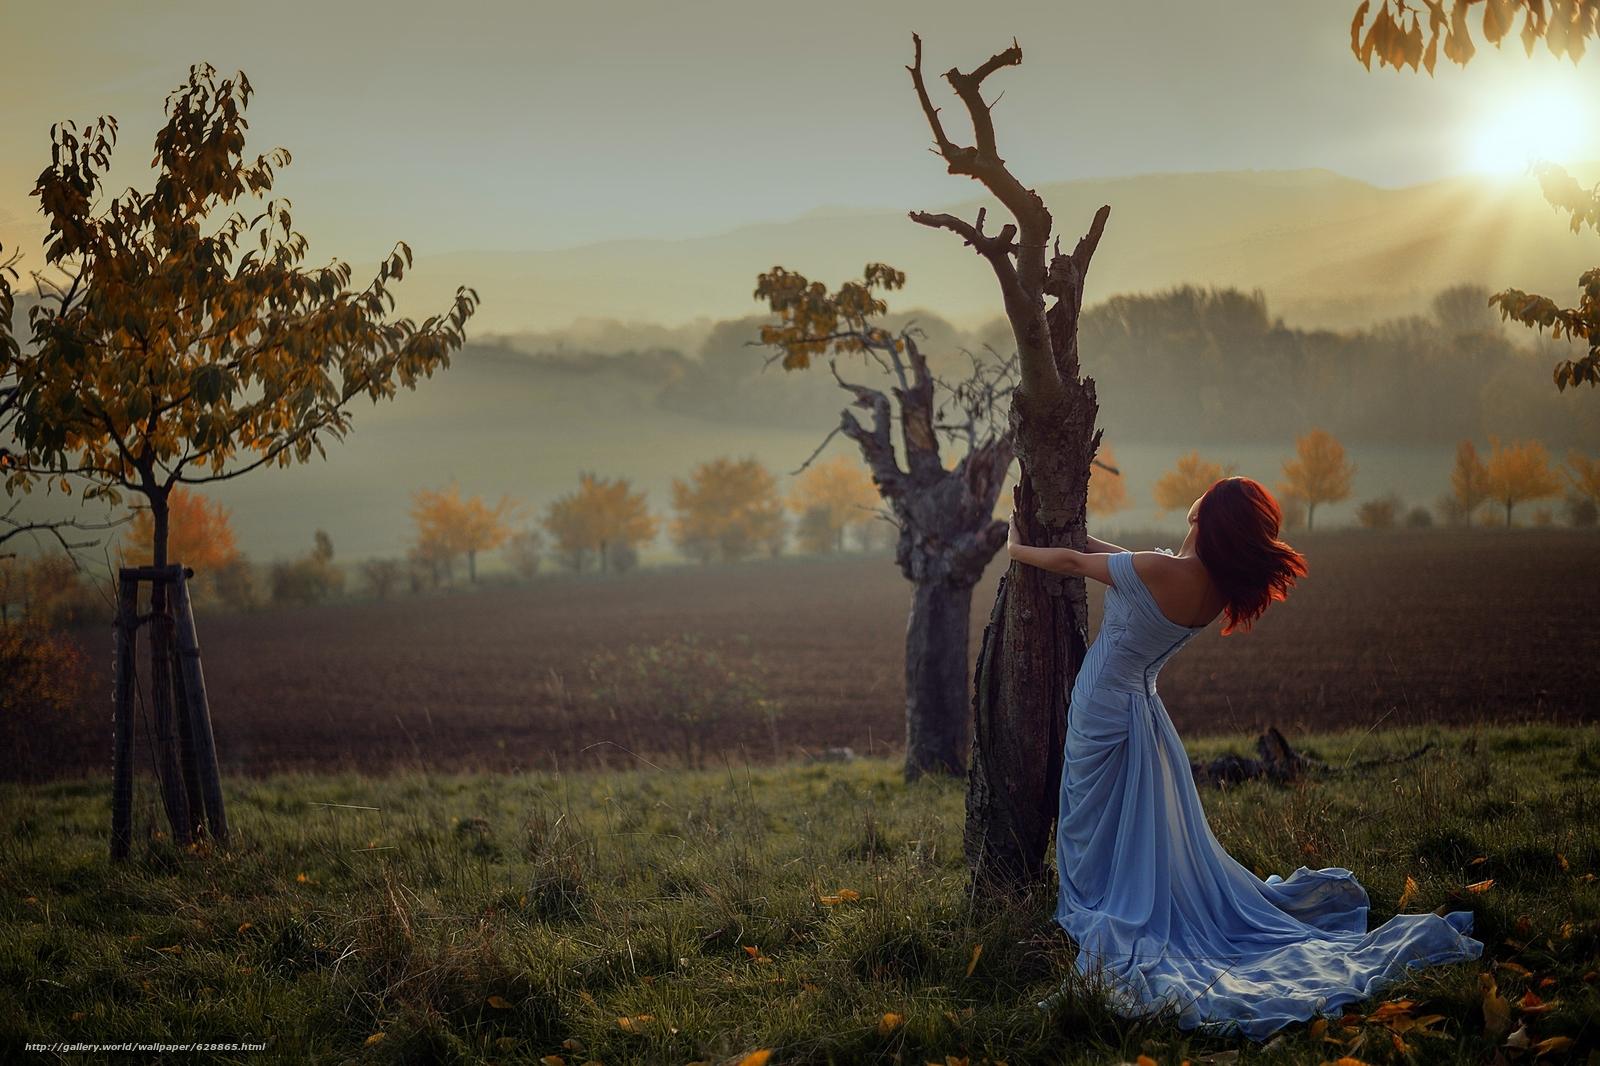 Скачать обои девушка,  платье,  деревья,  осень бесплатно для рабочего стола в разрешении 2048x1364 — картинка №628865